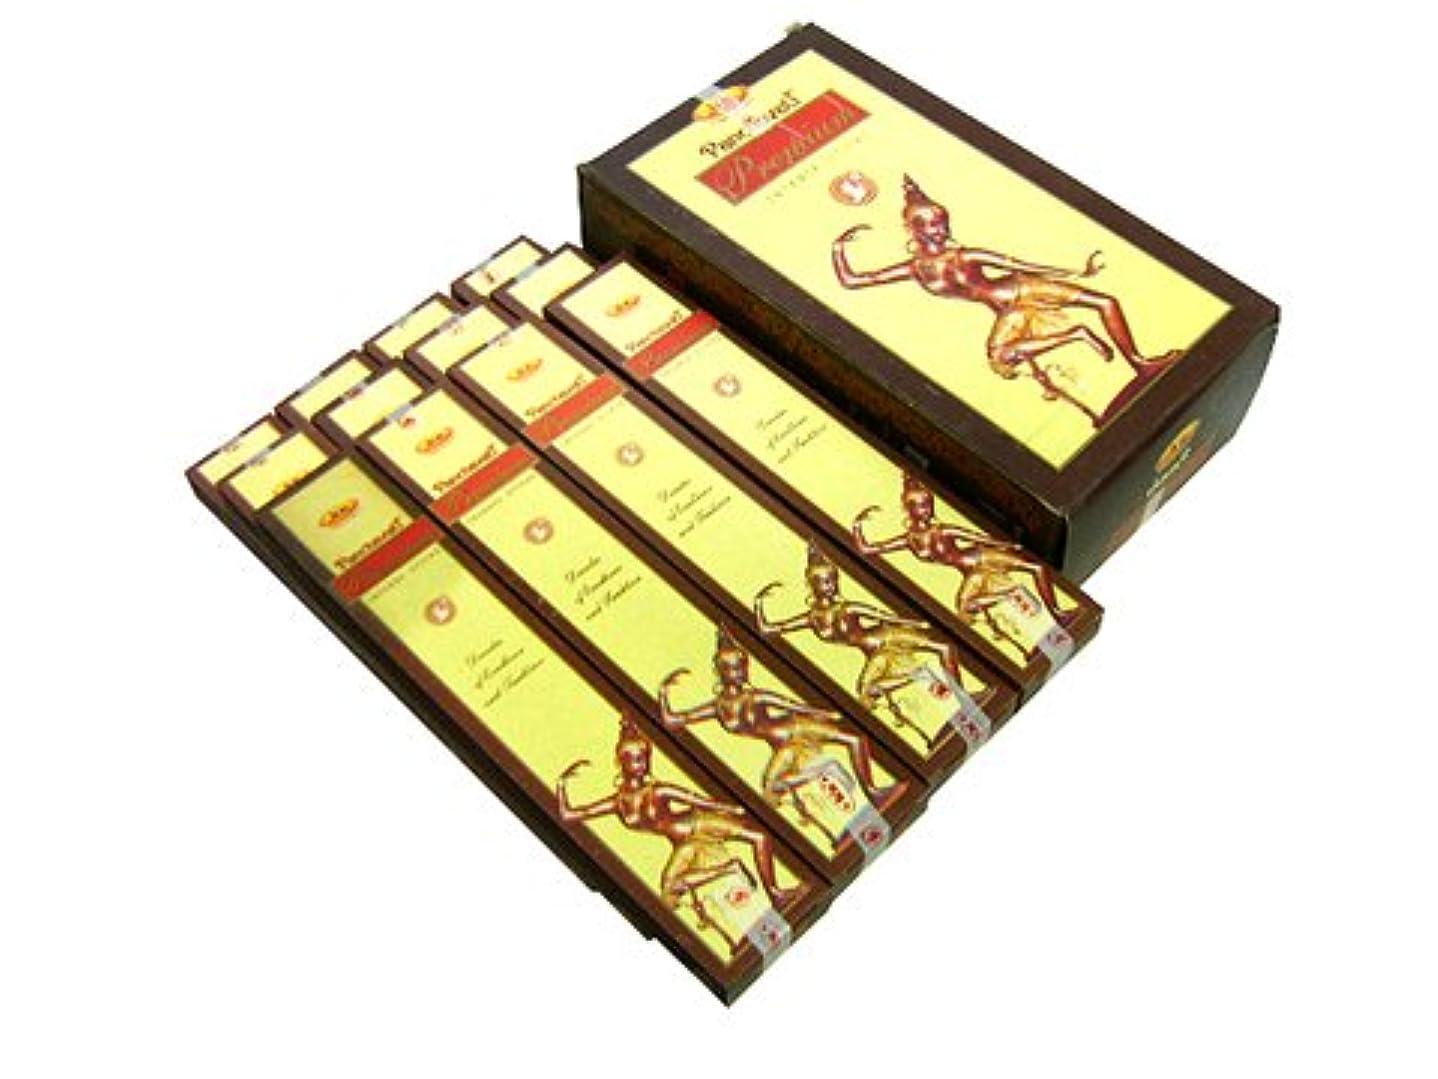 リビジョン付ける結論BIC(ビック) パンチャバティプレミアム香(レギュラーボックス) スティック PANCHAVATI PREMIUM REG BOX 12箱セット